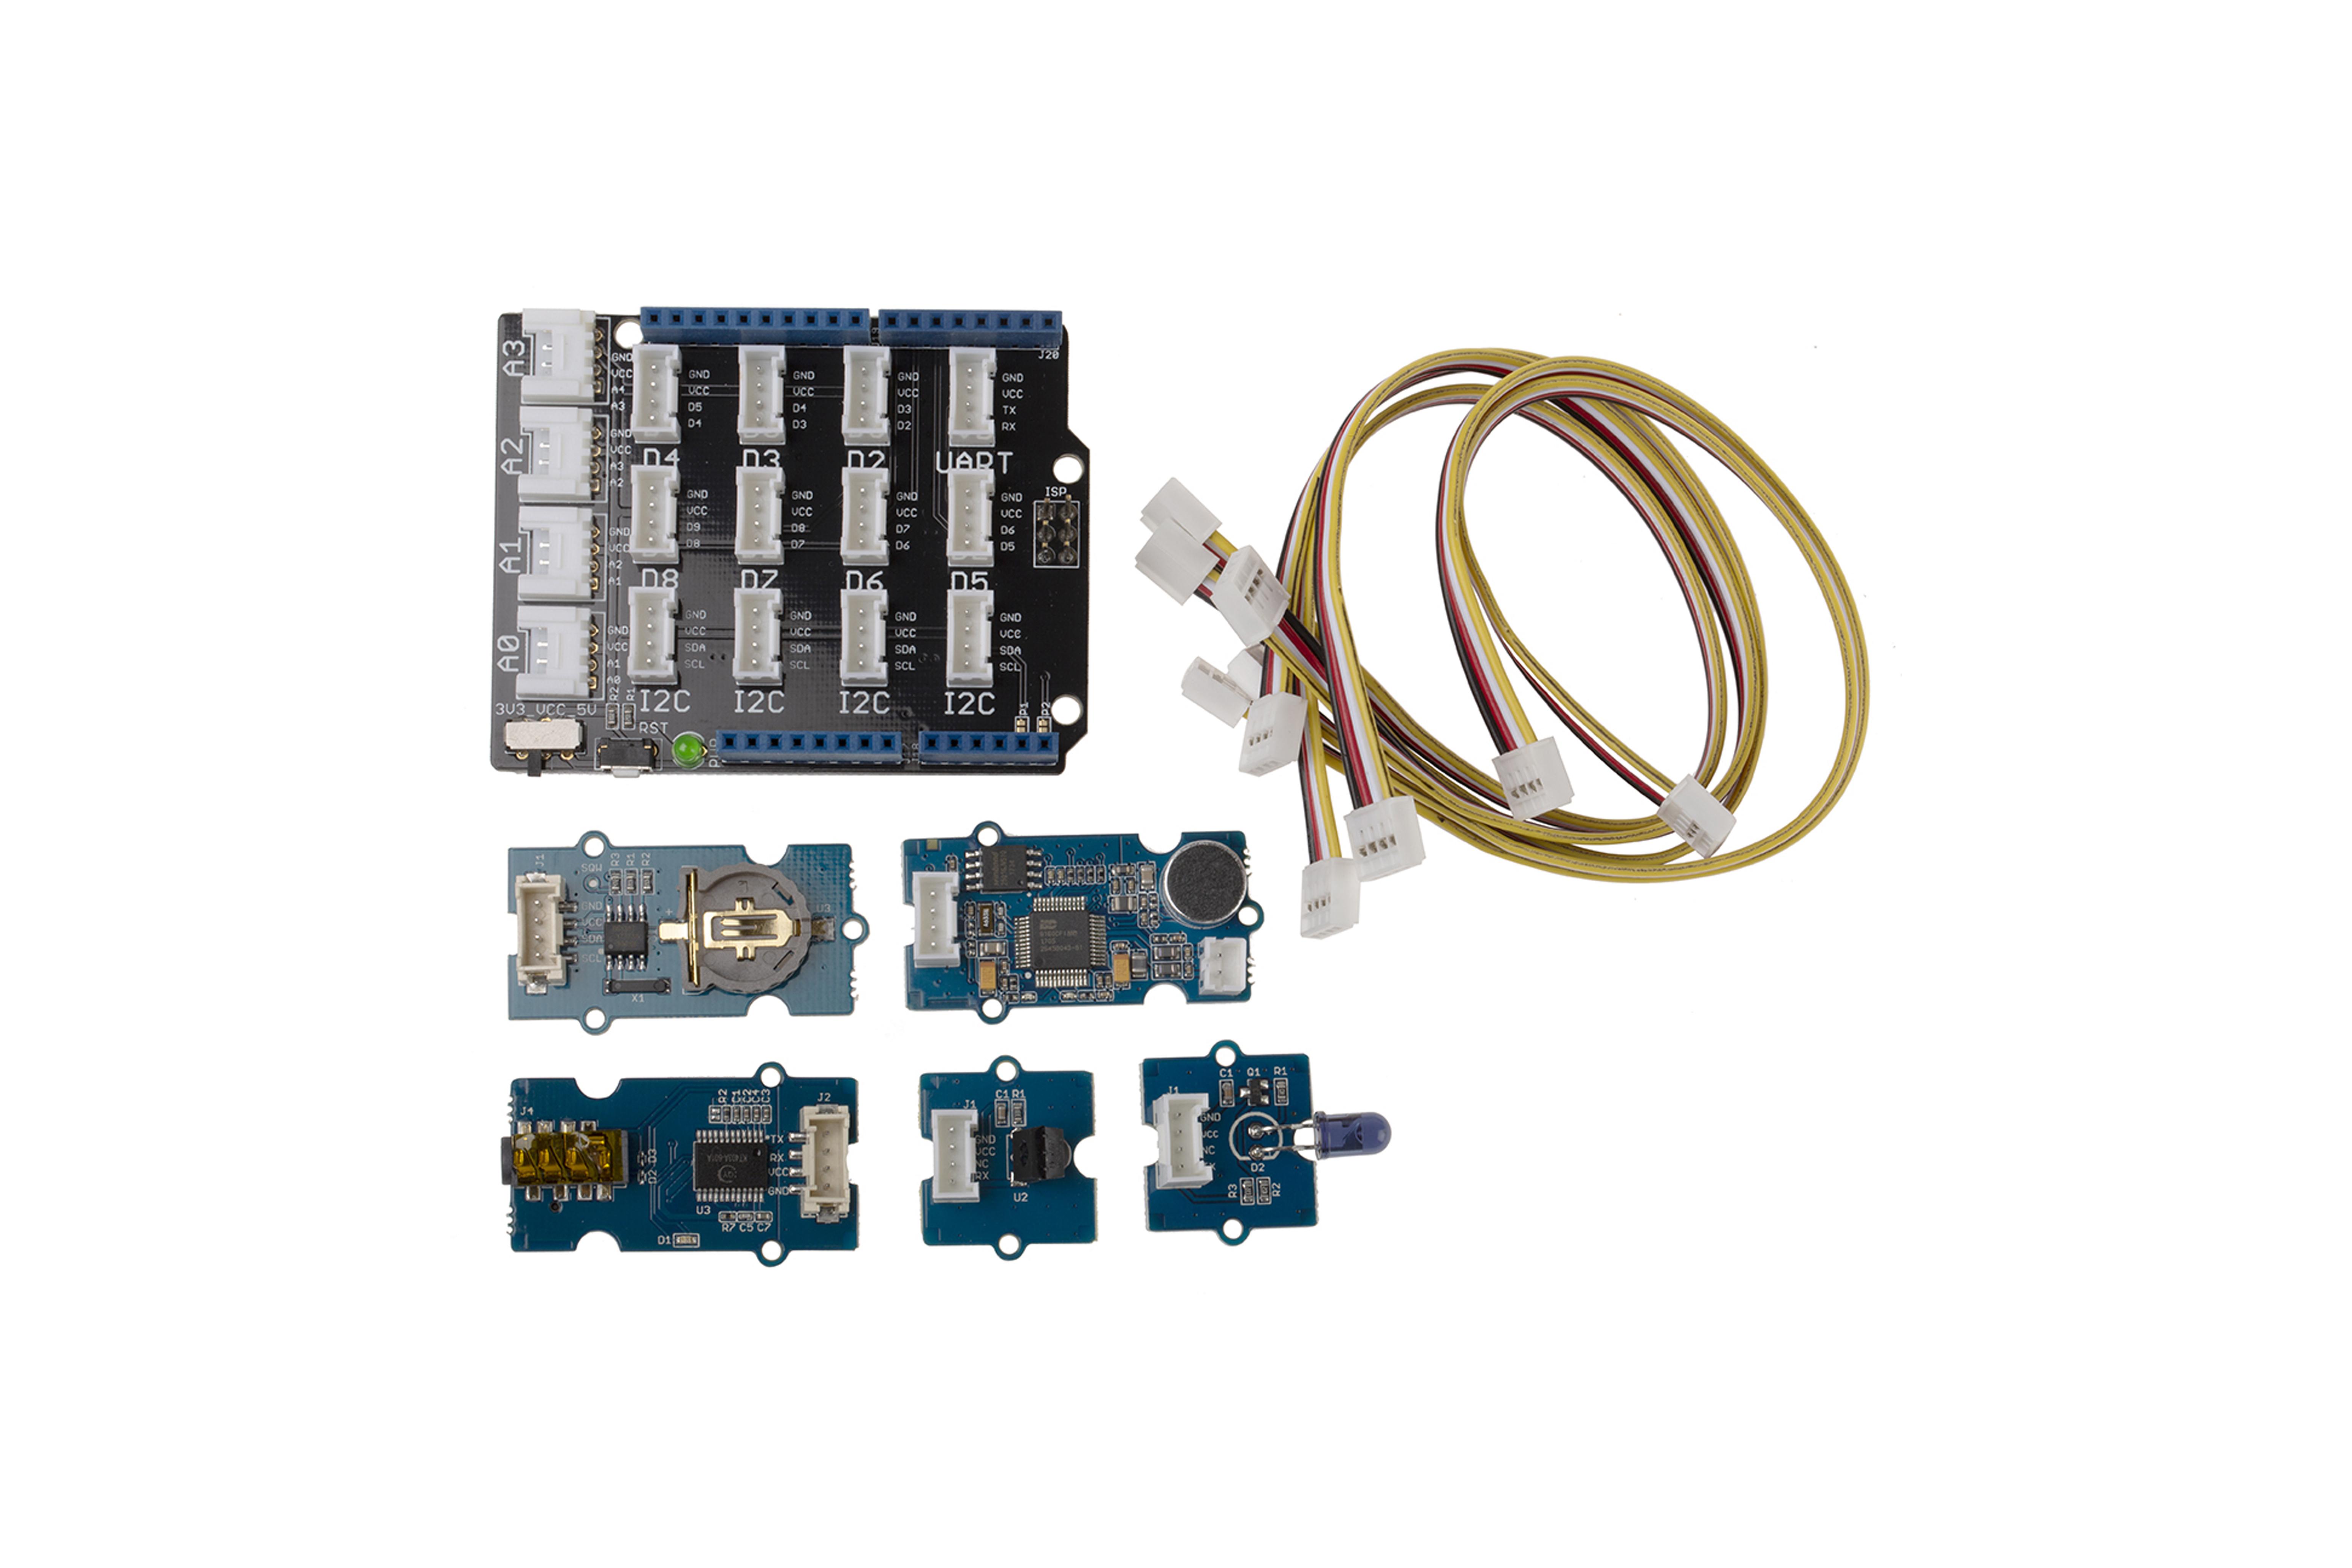 Arduino(アルデュイーノ)用 Grove 発話認識モジュールキット